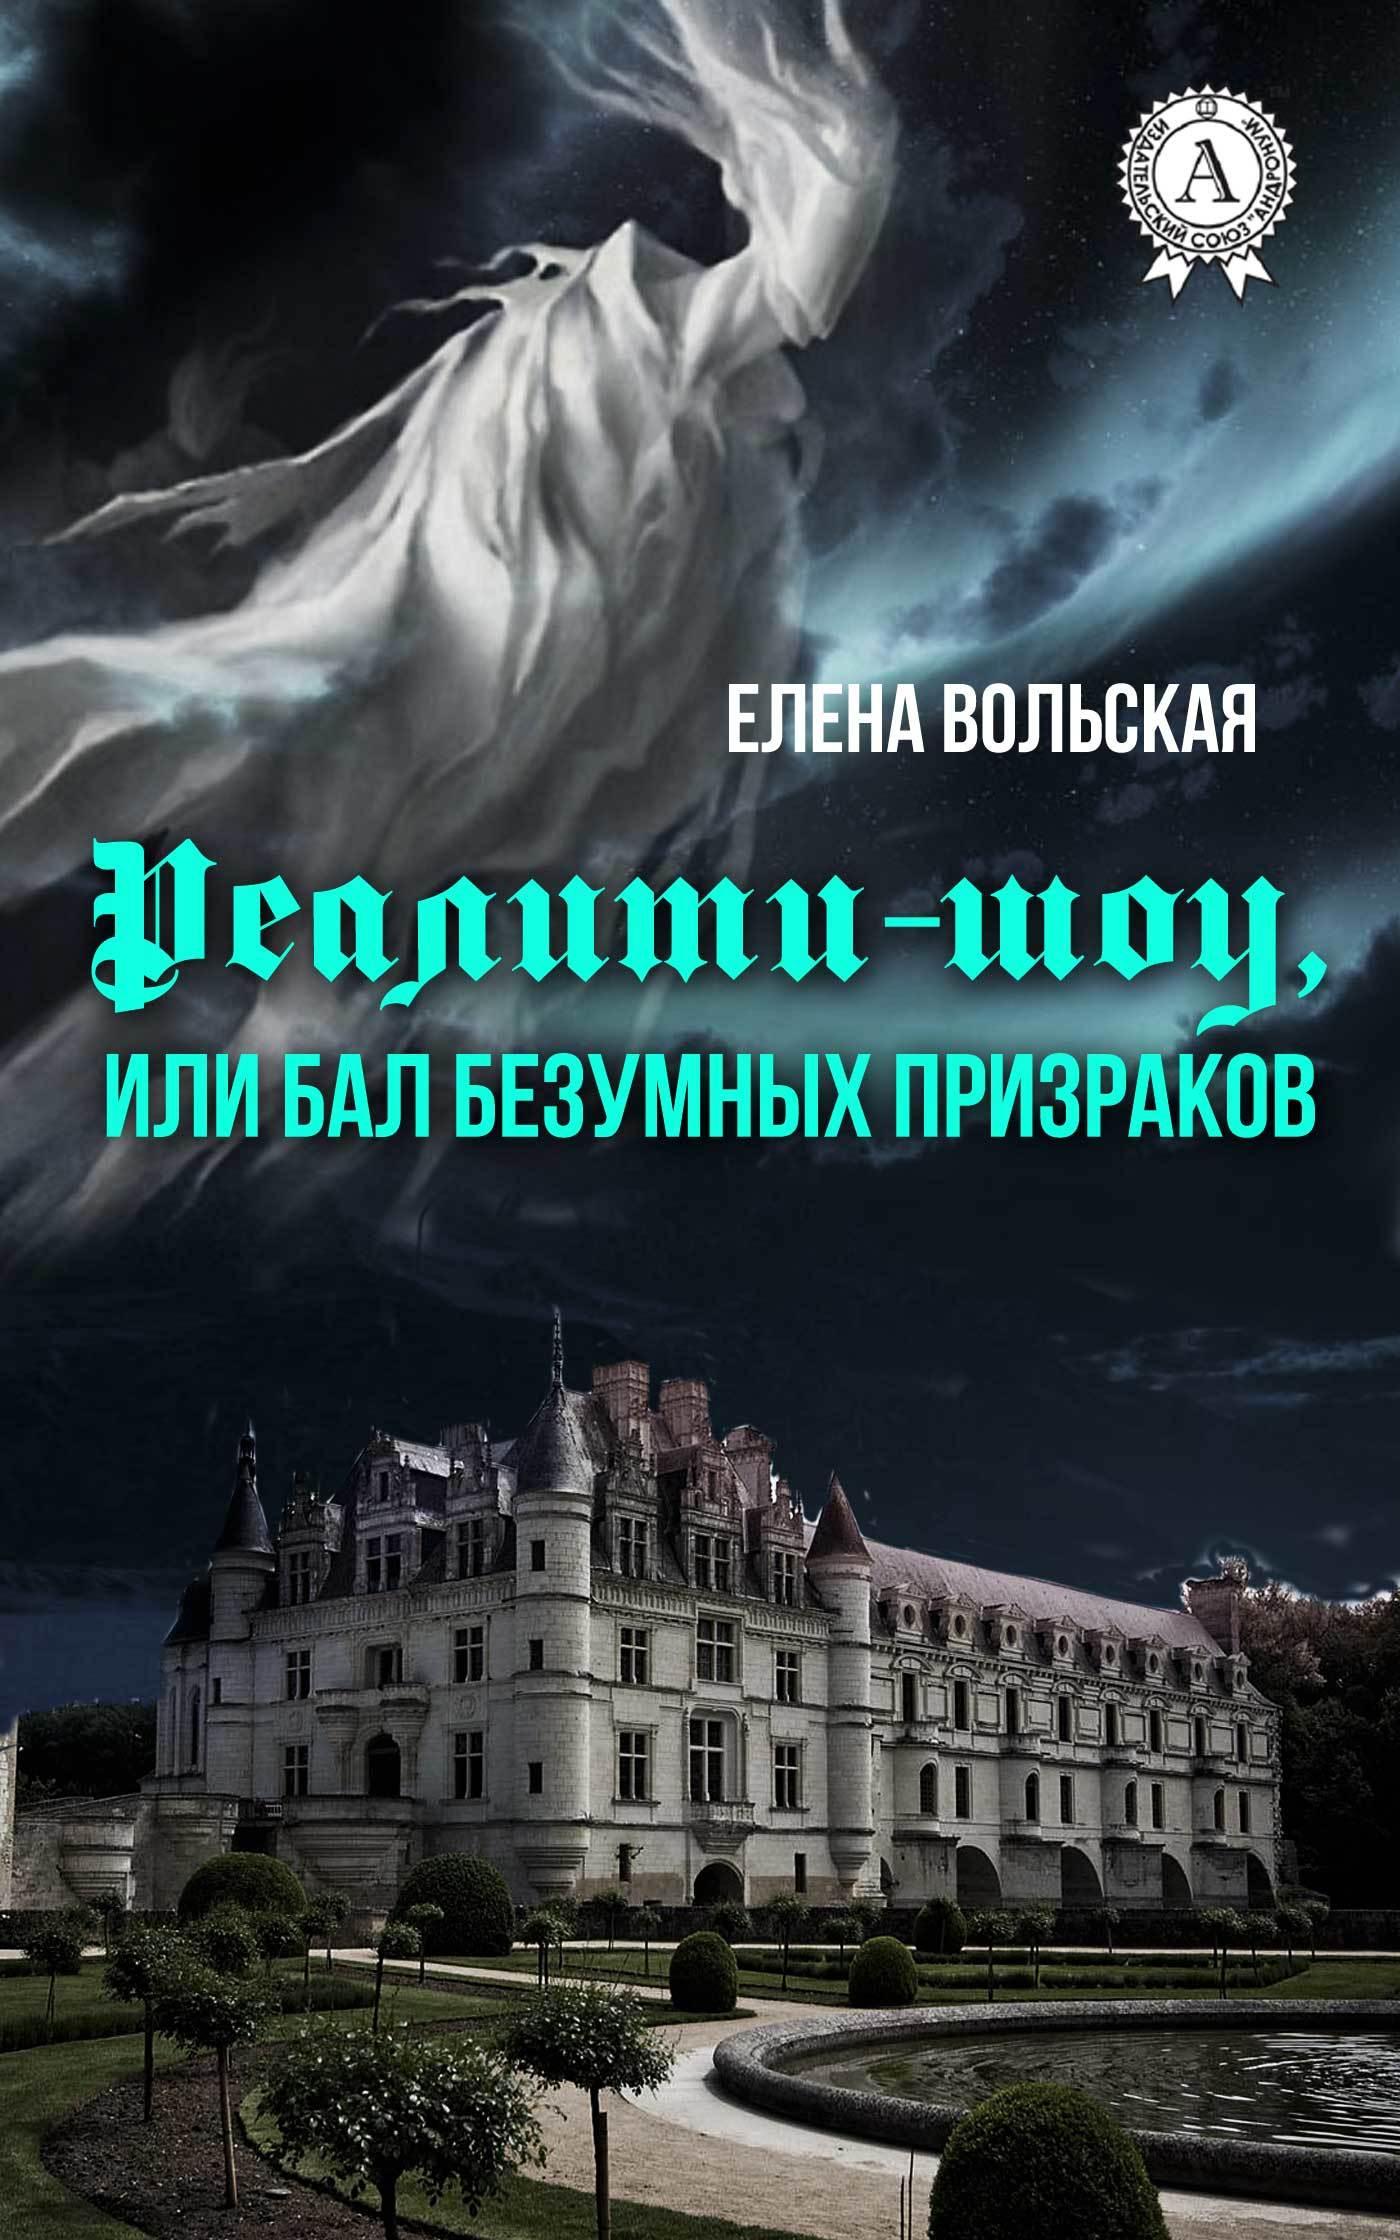 Елена Вольская - Реалити-шоу, или Бал безумных призраков